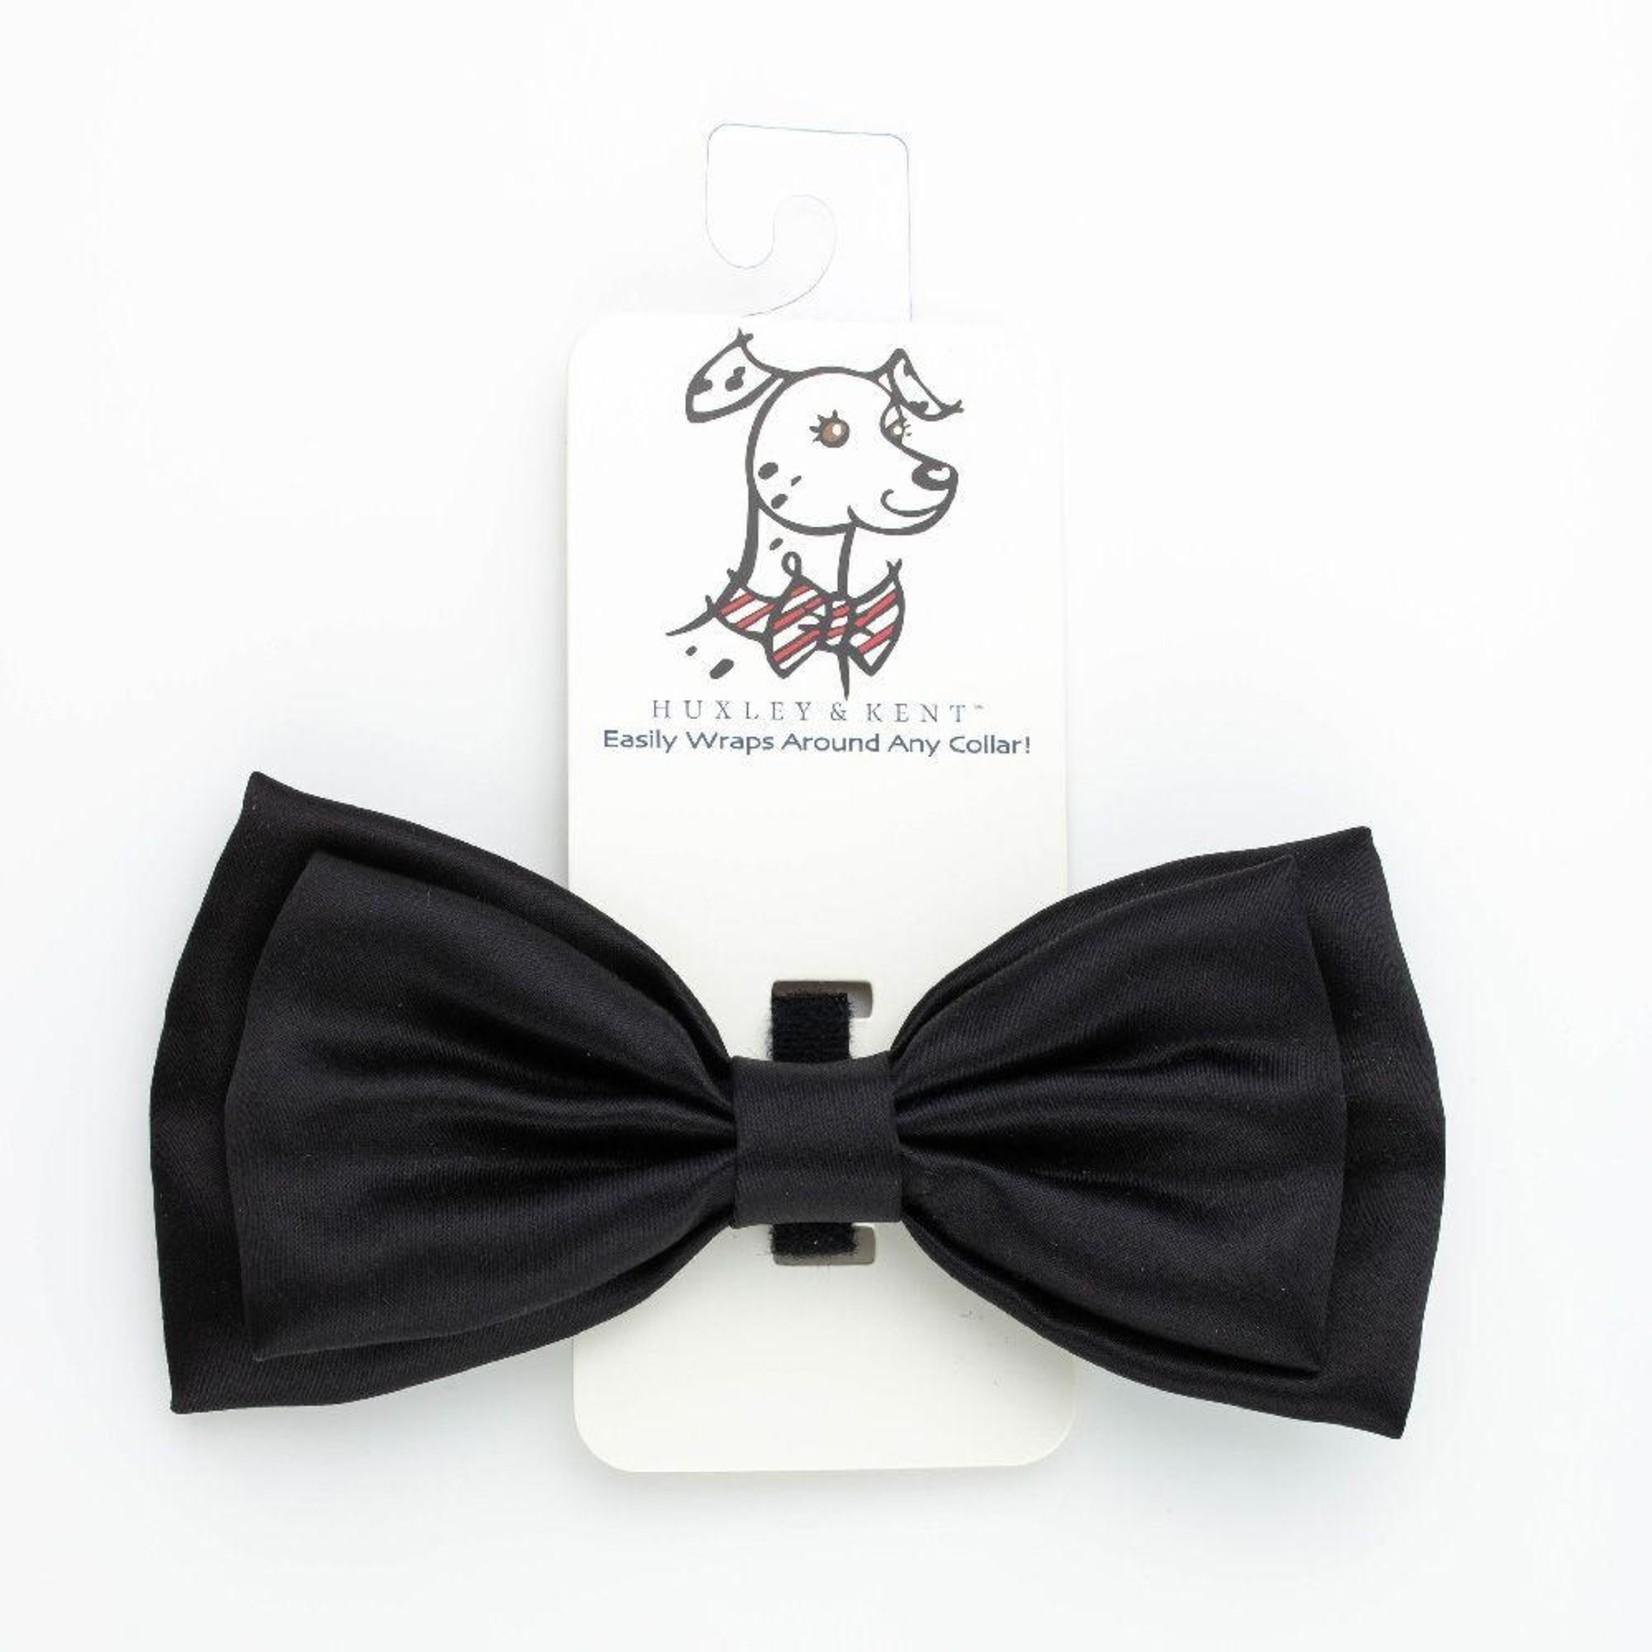 Huxley & Kent Huxley & Kent Black Satin Bow Tie